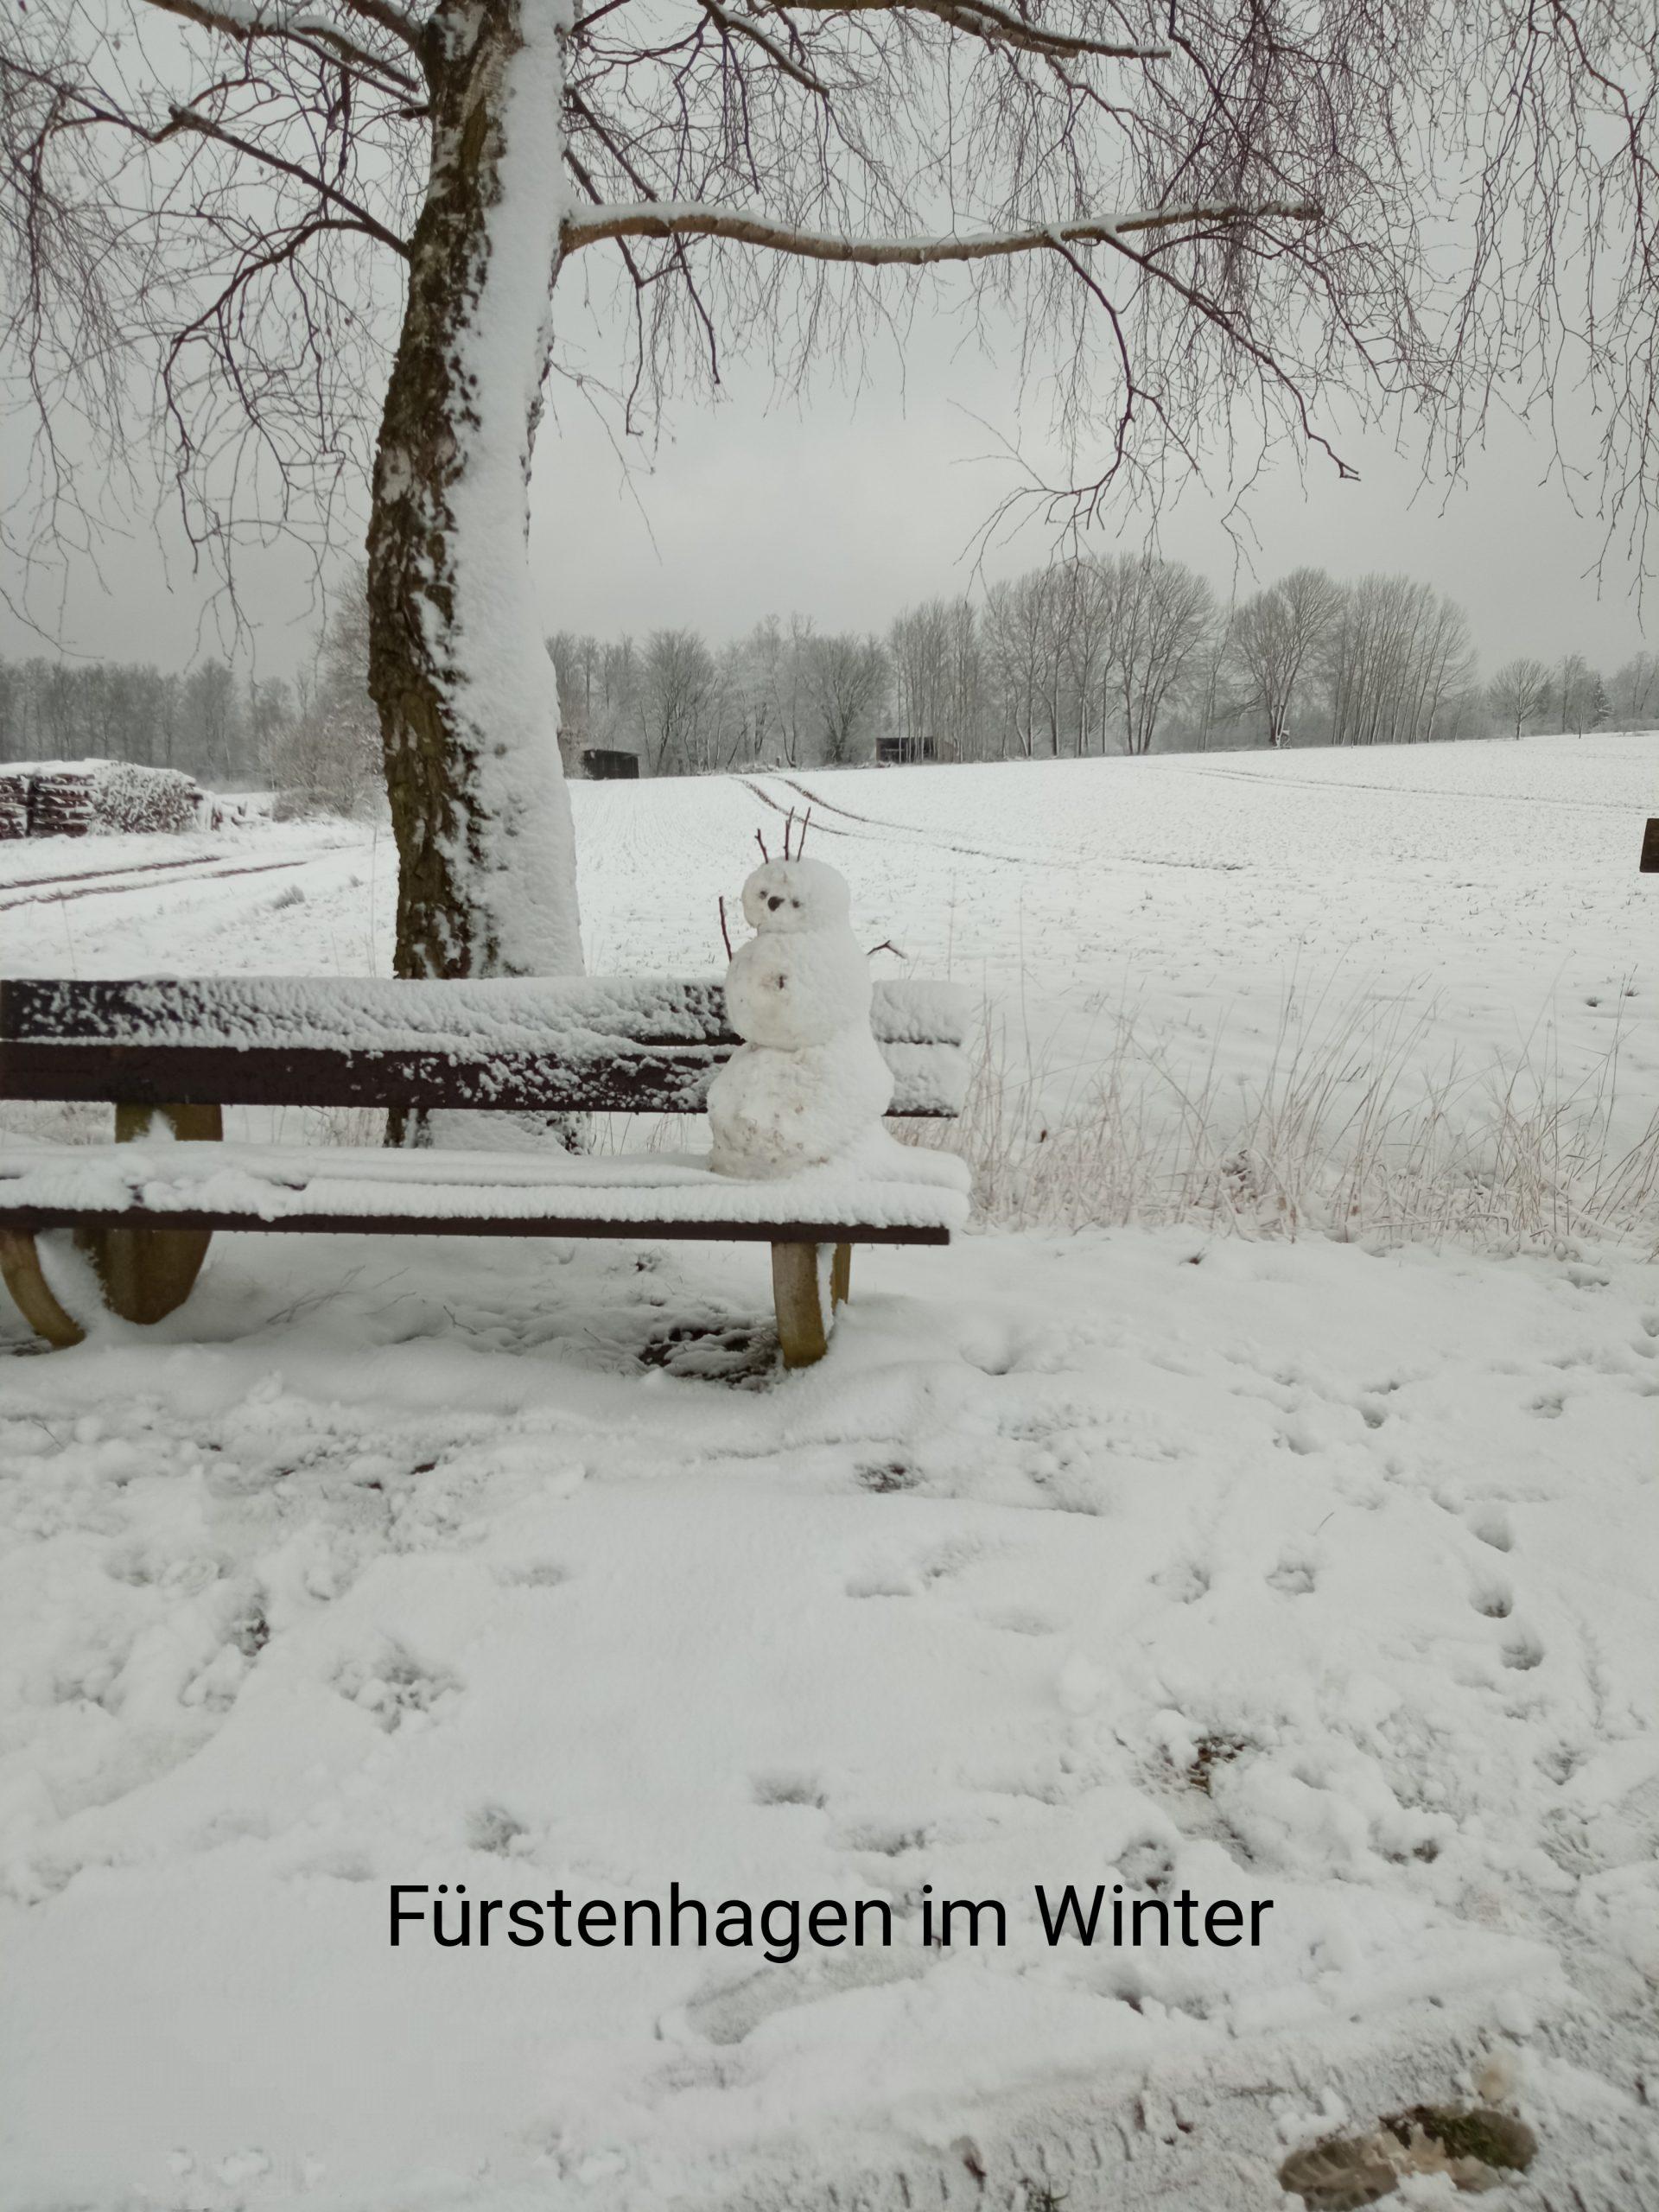 2. Platz Fürstenhagen im Winter